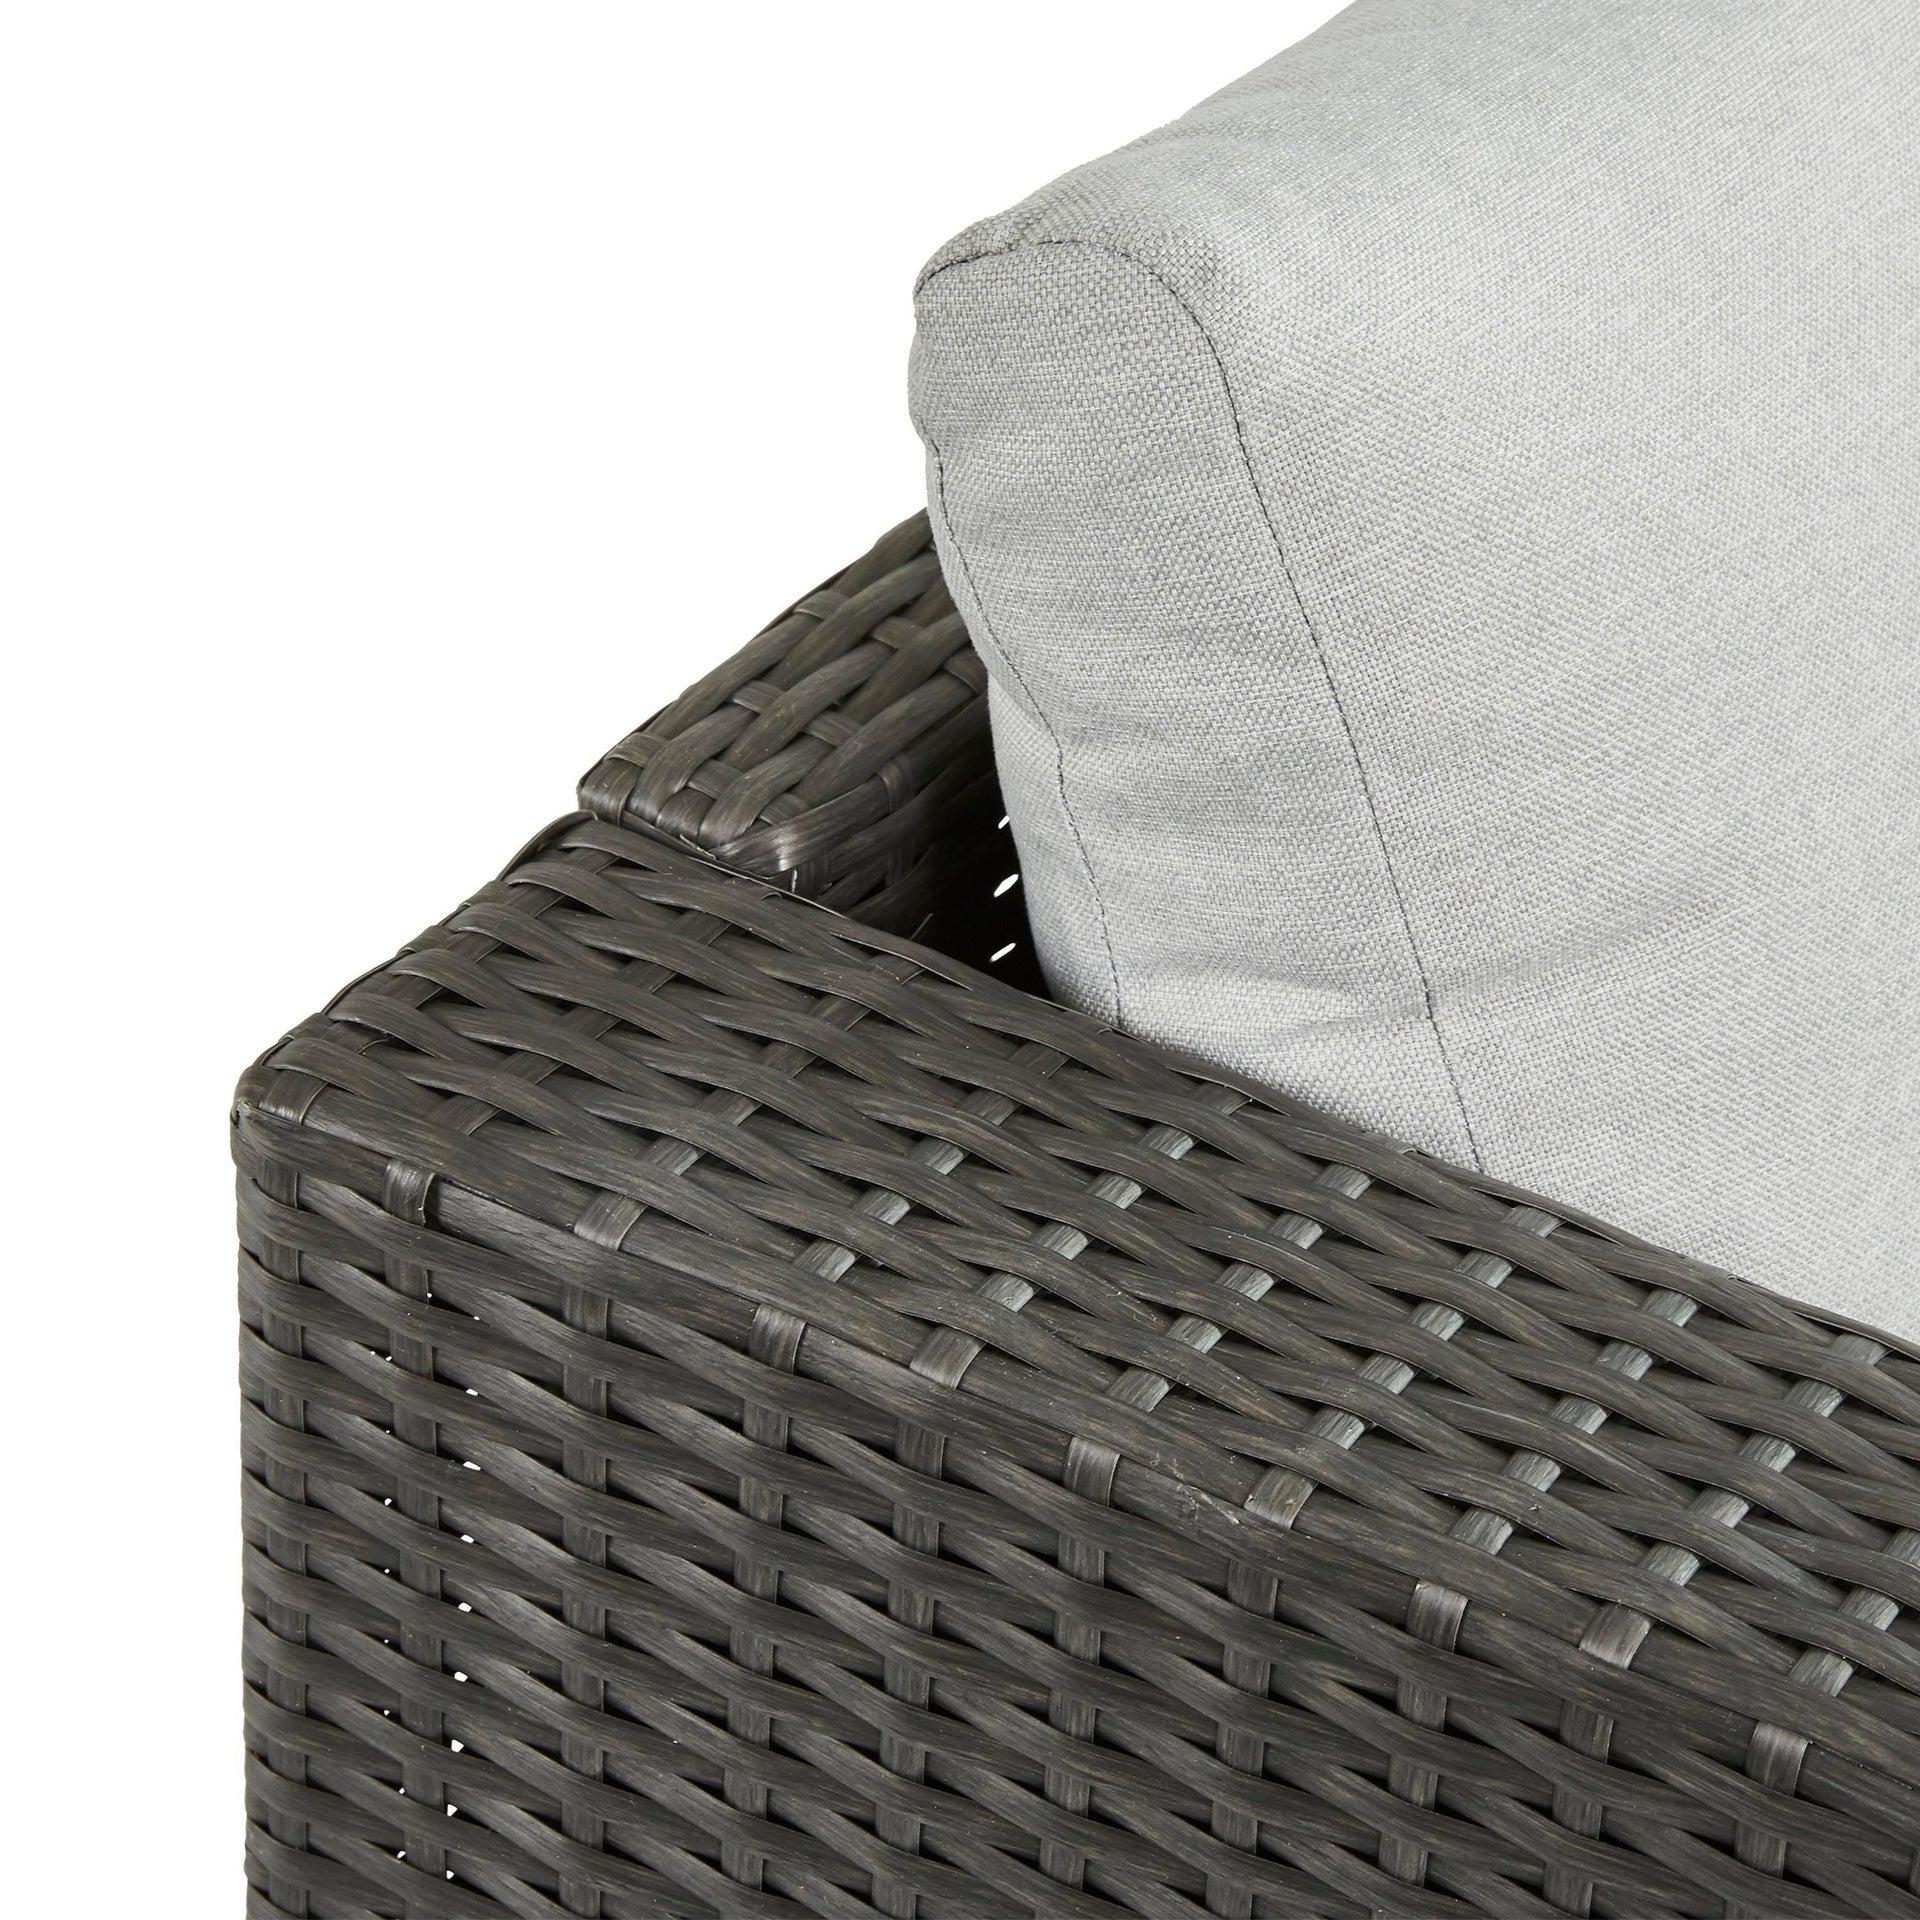 Poltrona da giardino con cuscino in acciaio Noa NATERIAL colore antracite - 7